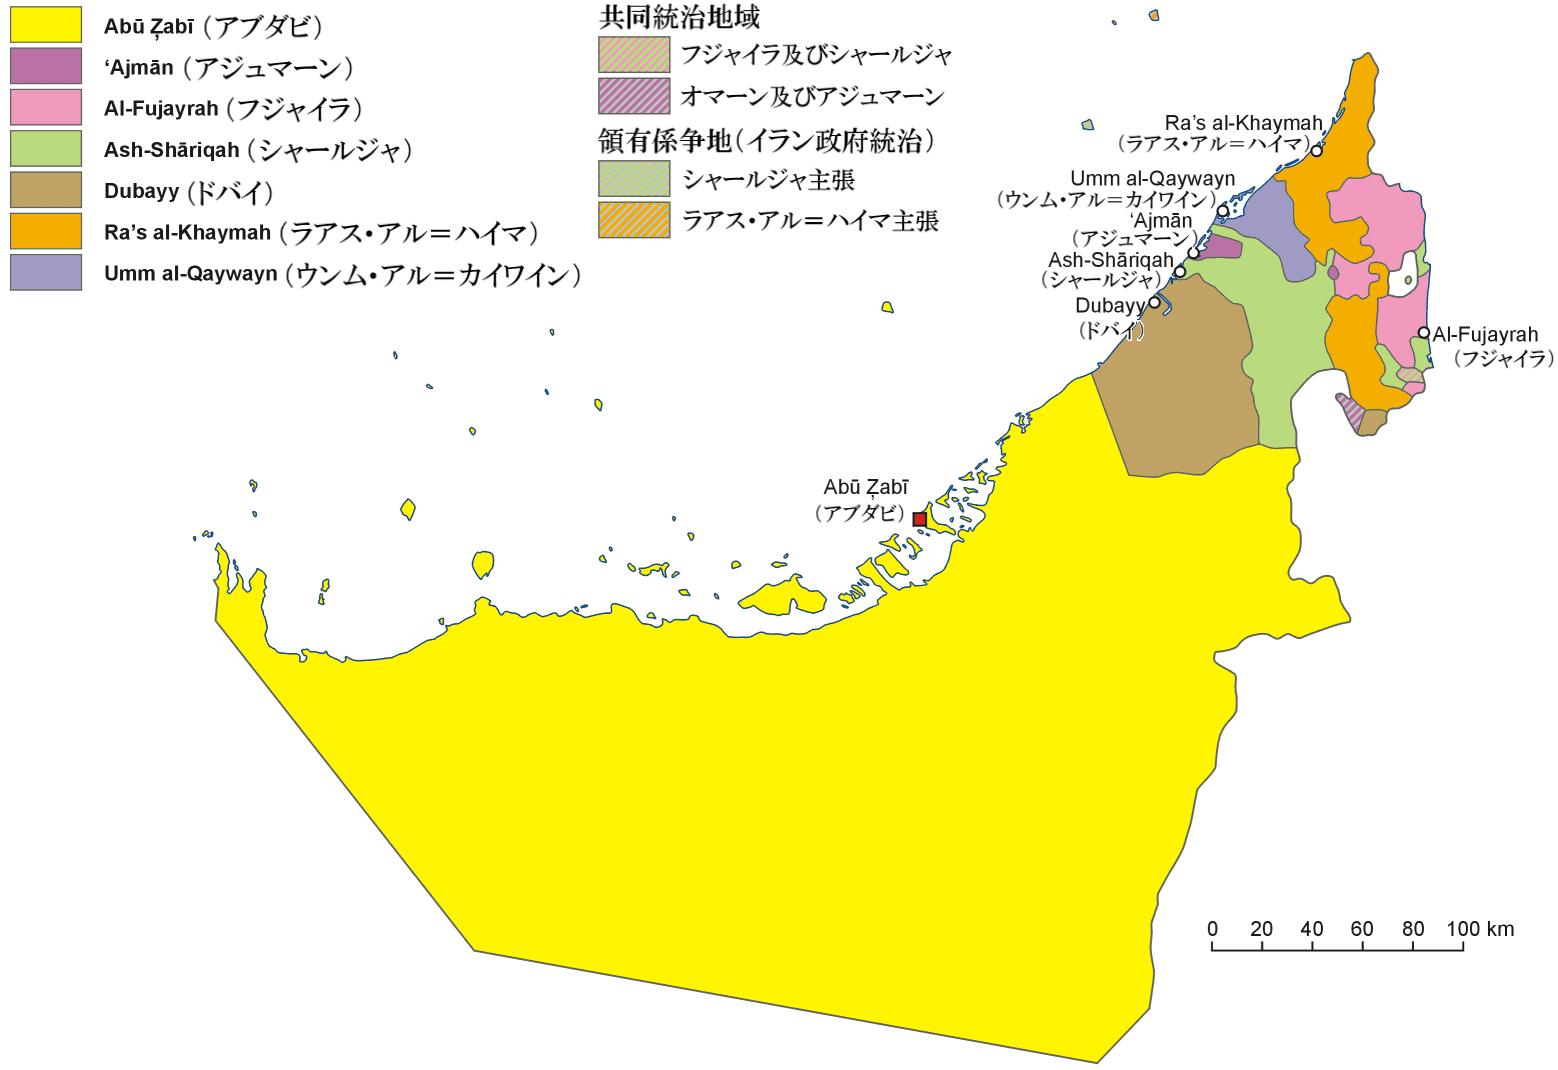 7つの首長国の位置関係